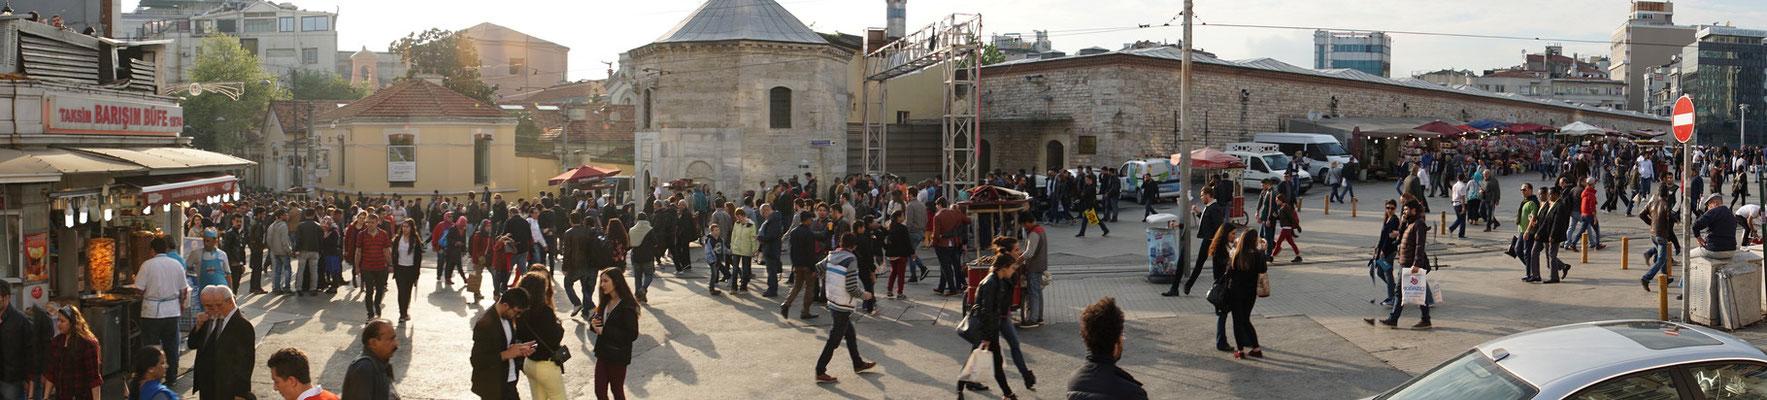 Panorama vom Taksimplatz am Abend...